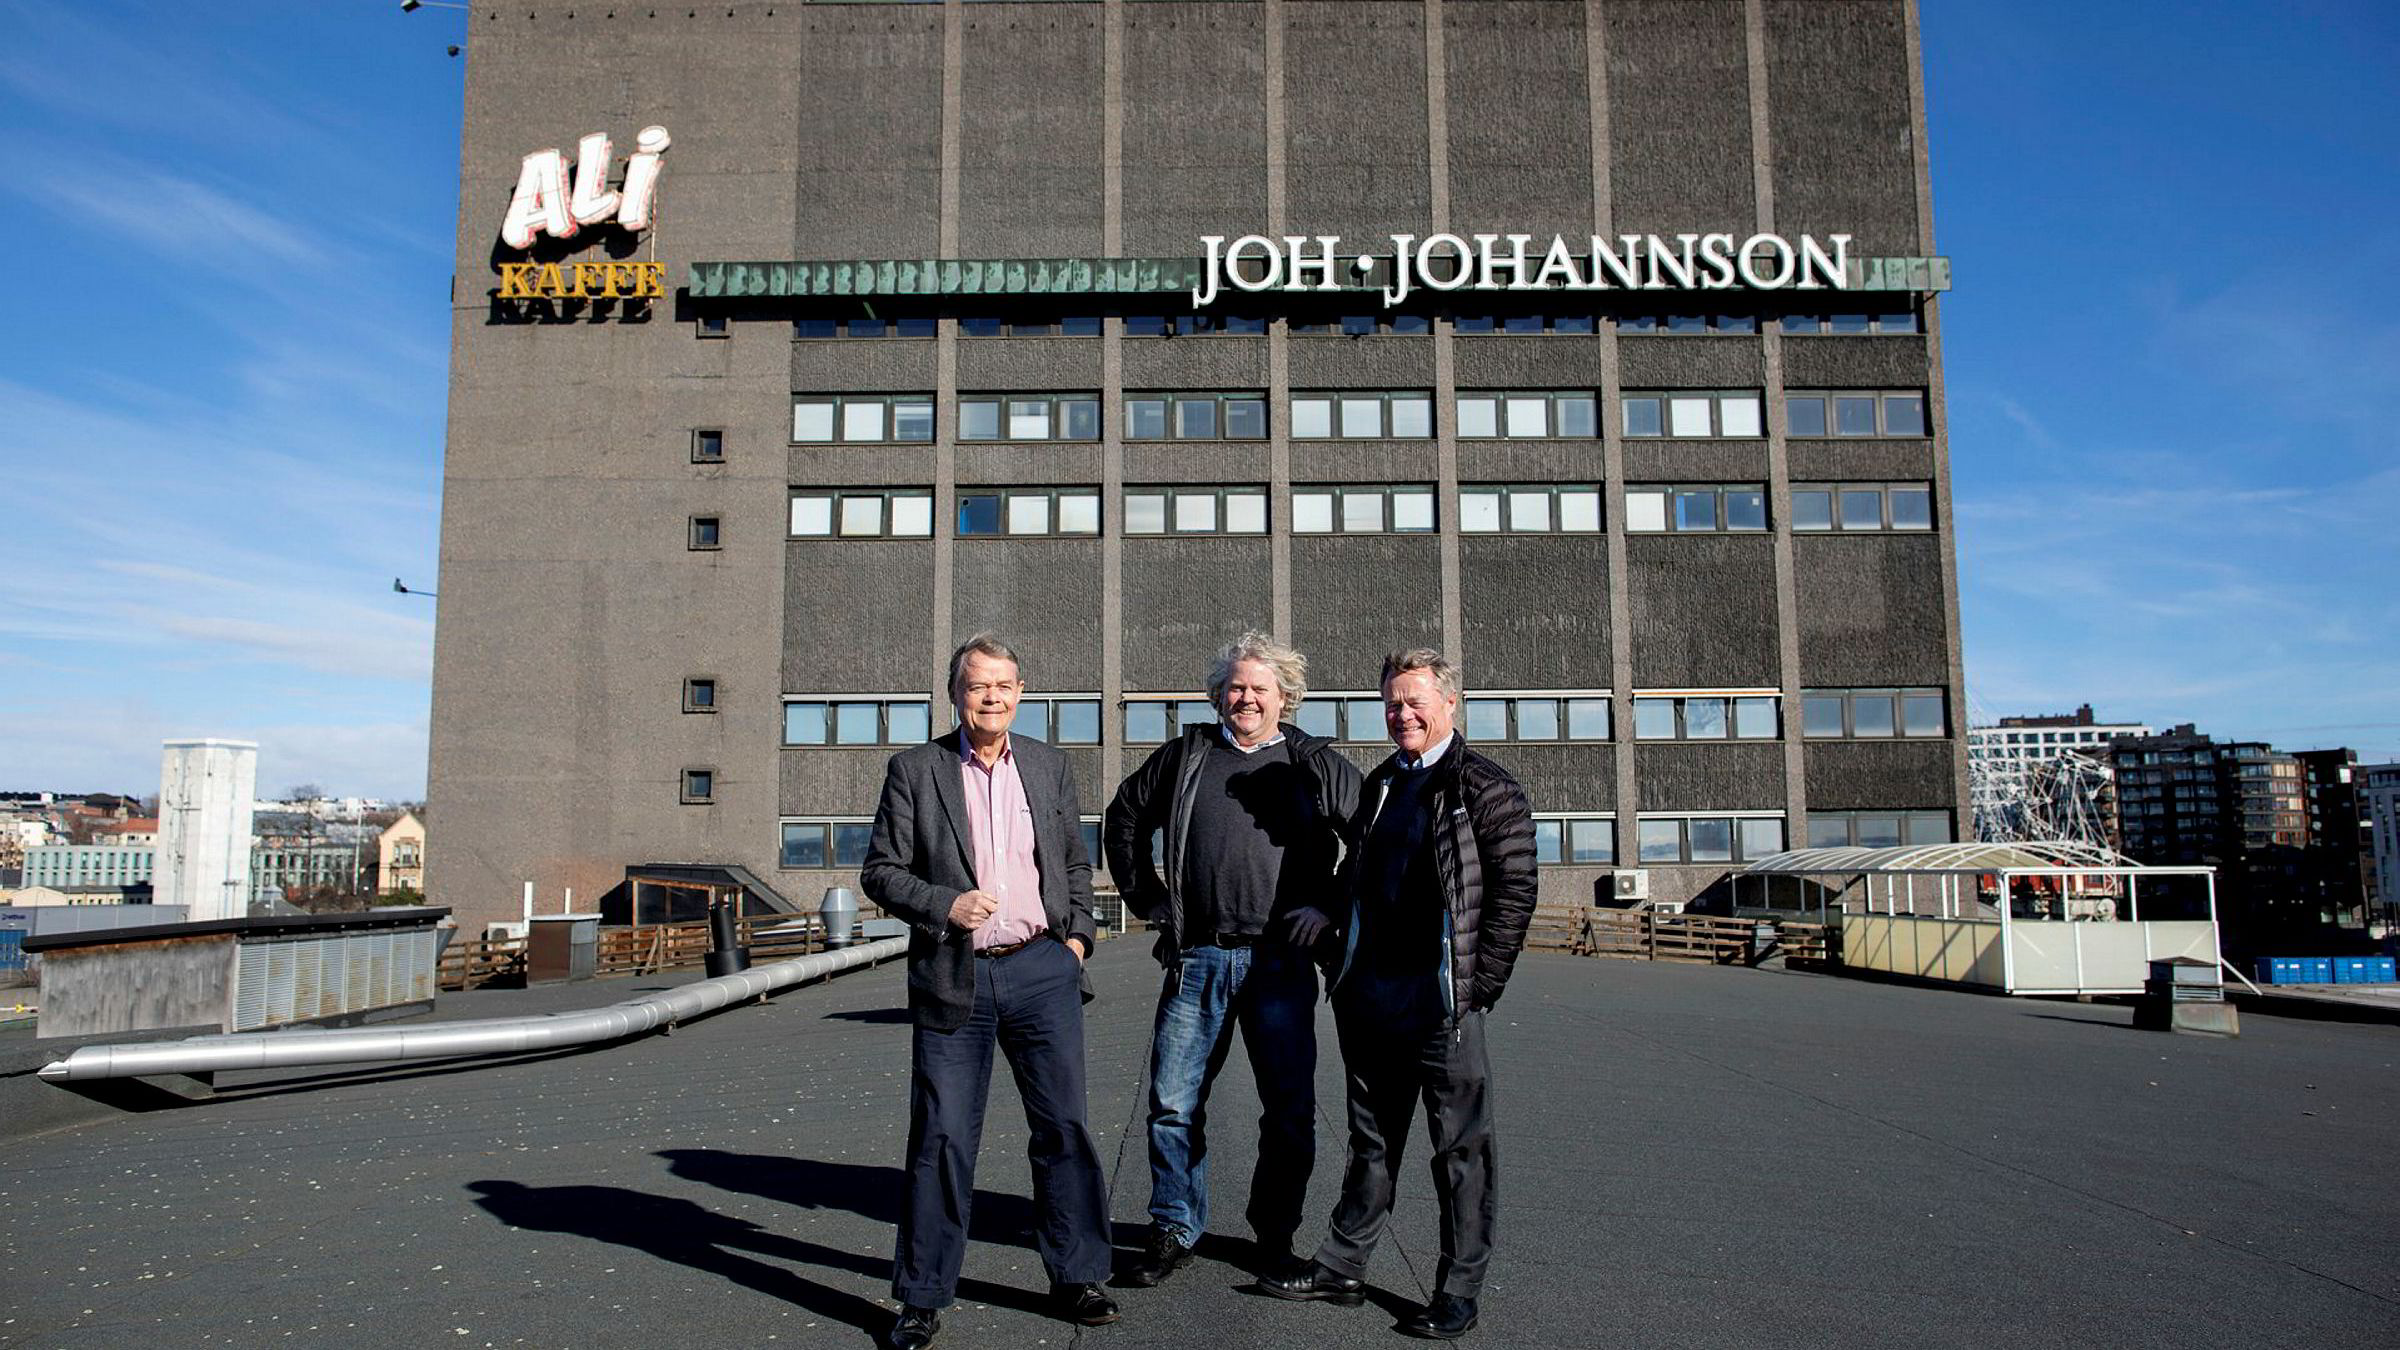 Eierne i Norgesgruppen kunne hente ut rekordstort utbytte på 703 millioner kroner i fjor. Her er majoritetseierne Knut Hartvig Johannson (fra venstre), Johan Johannson og Torbjørn Johannson ved det mangeårige familiehovedkvarteret på Filipstad som de snart skal flytte ut fra.